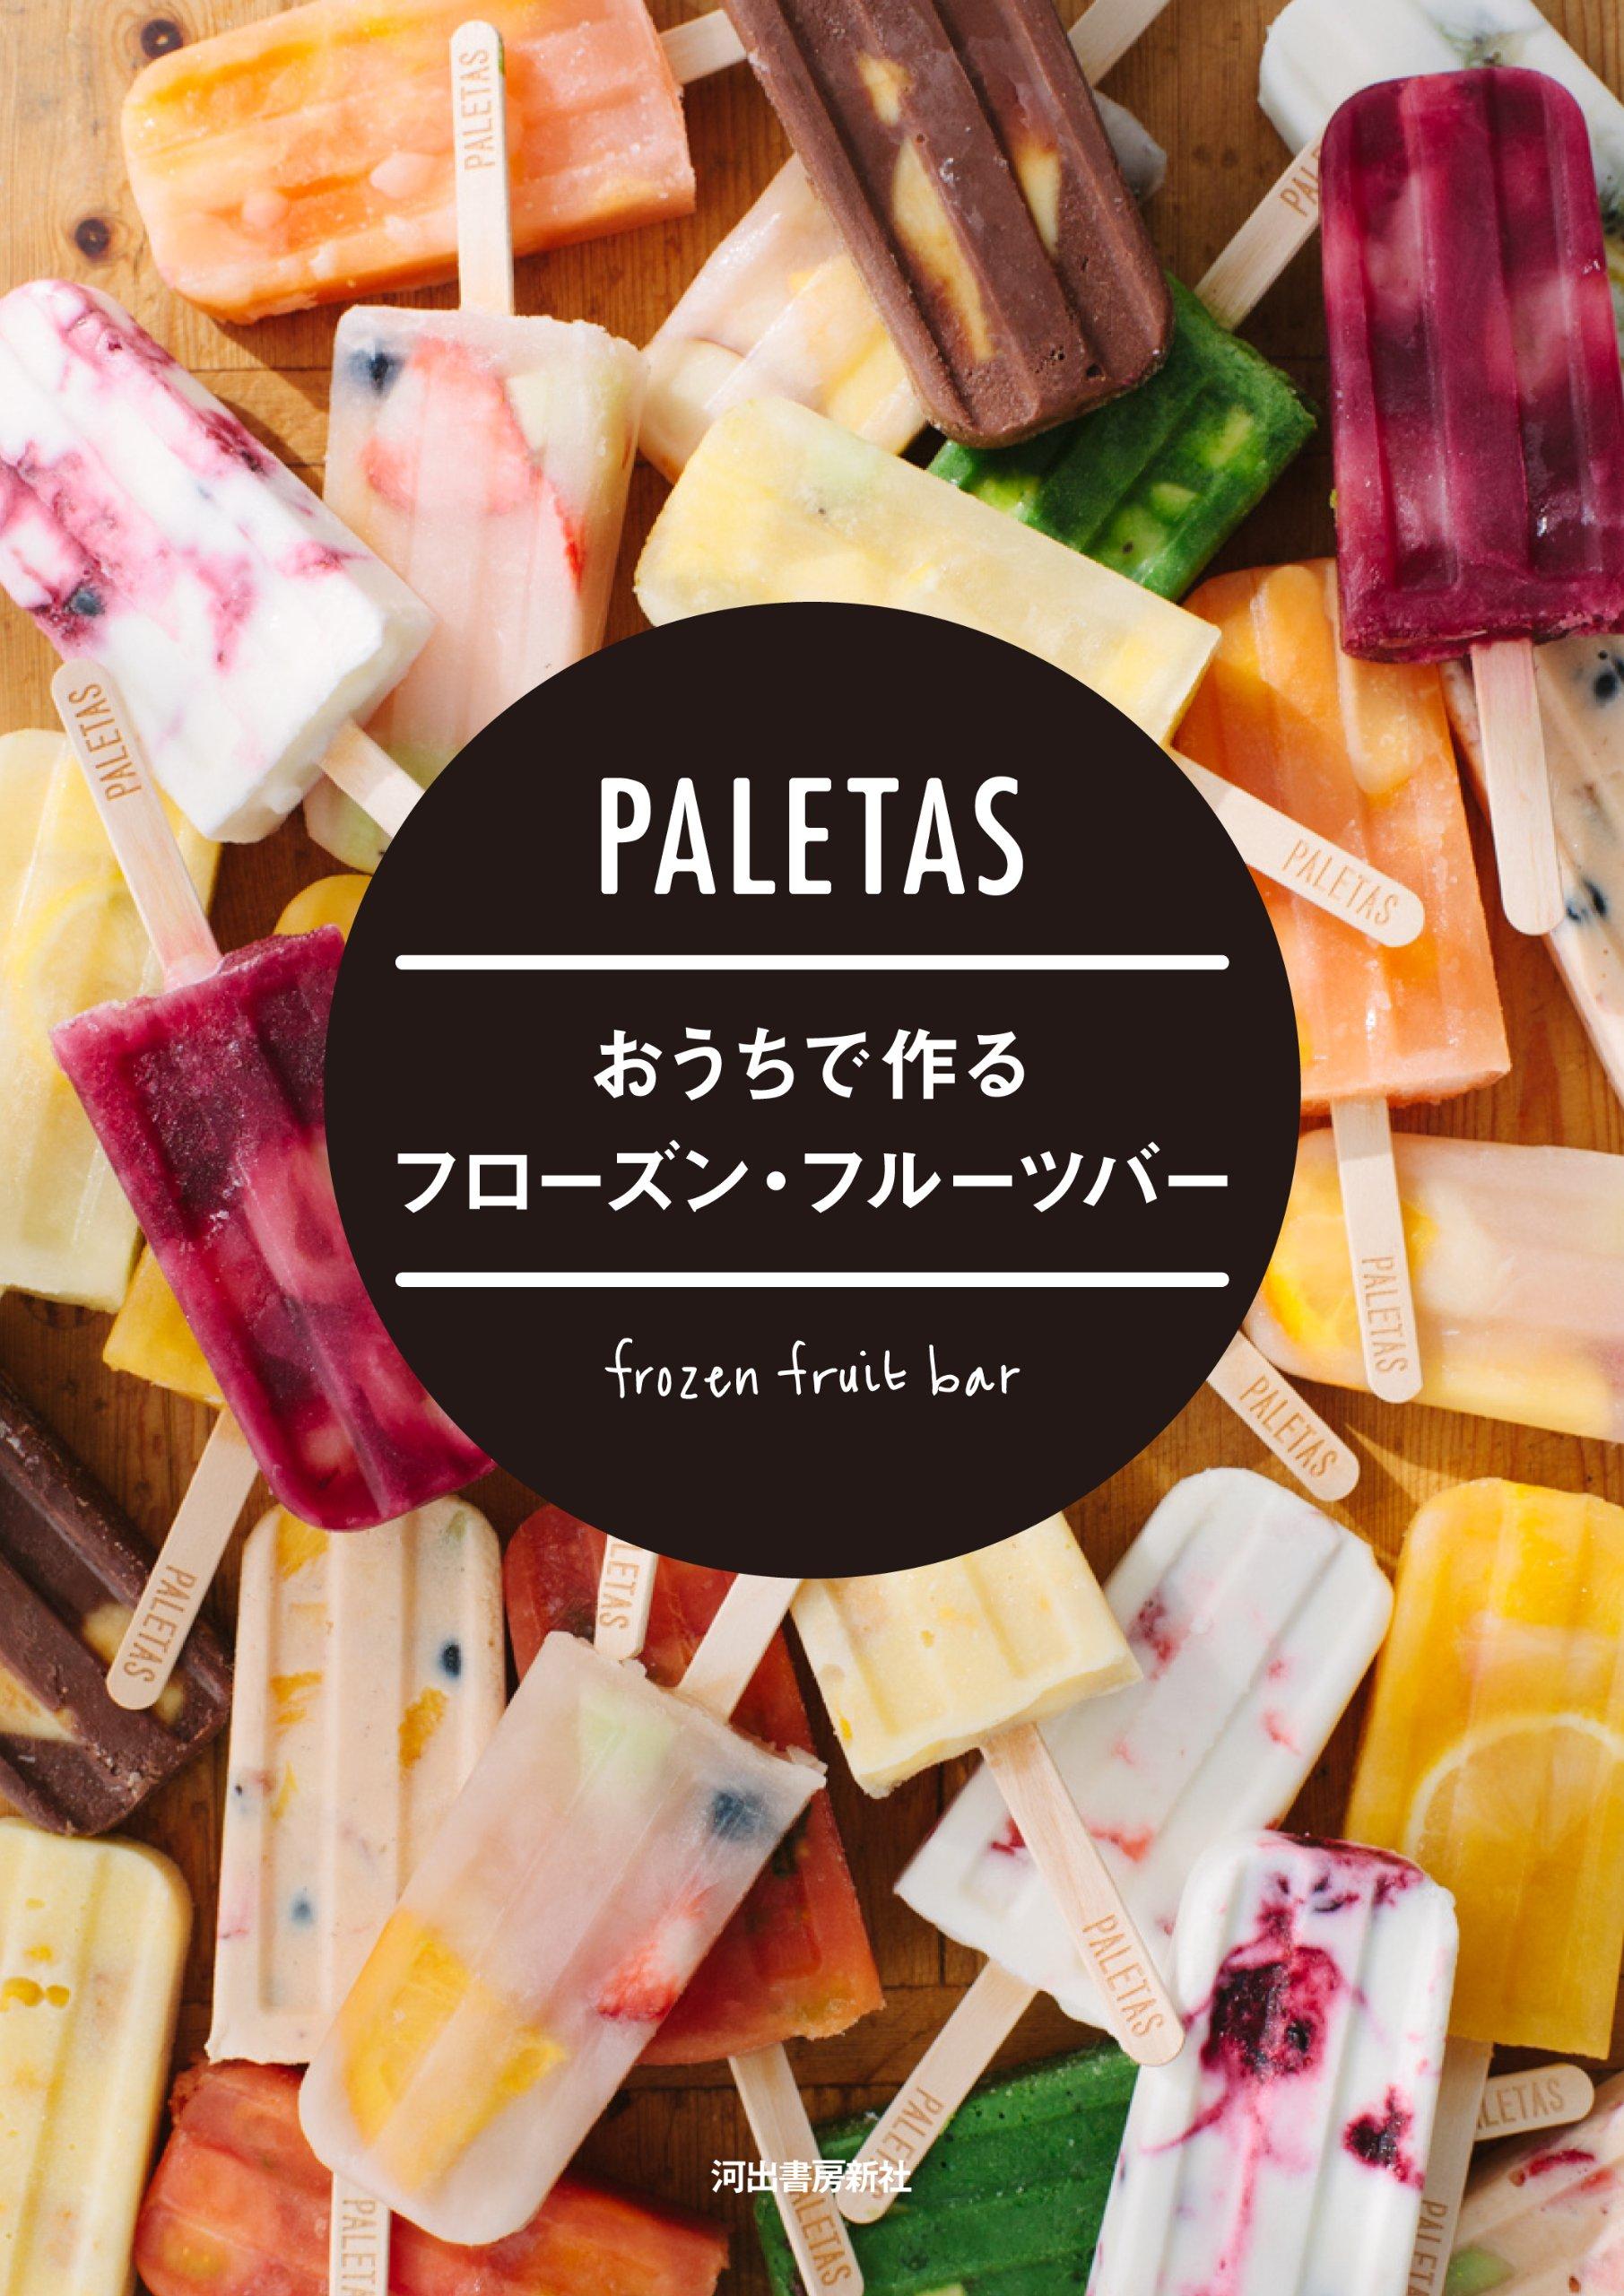 アイス パレタス